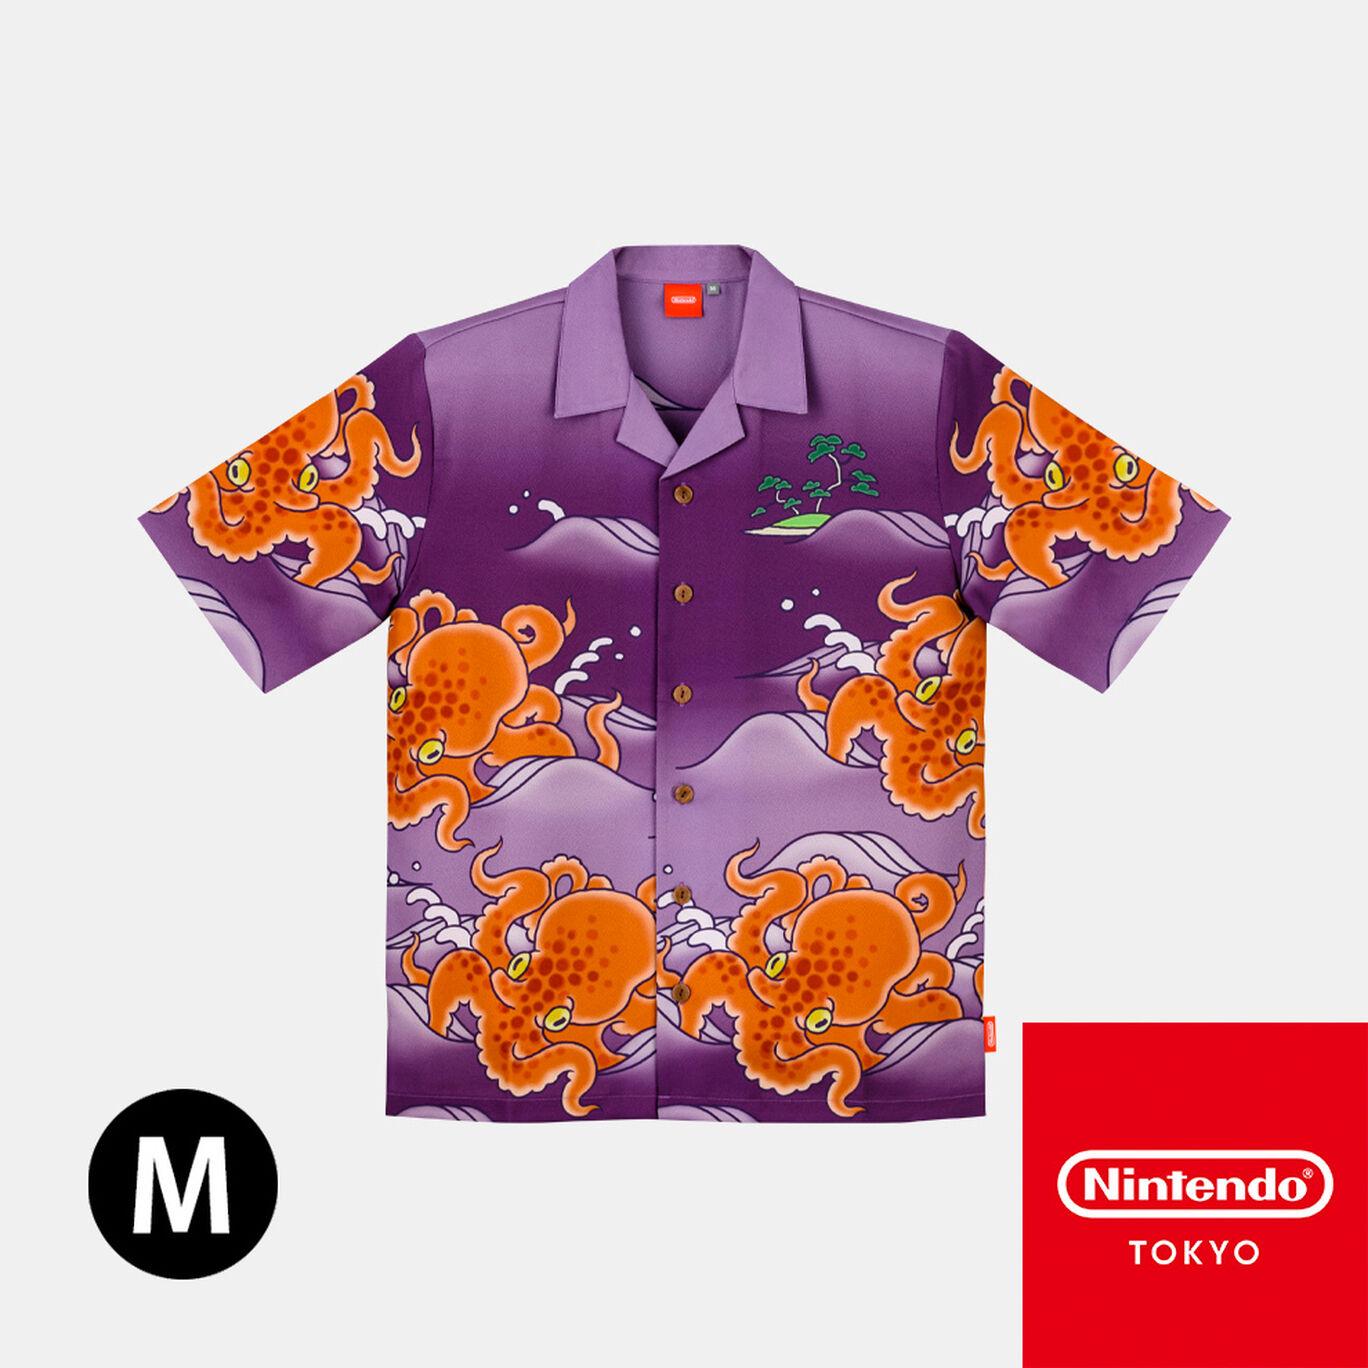 チリメンタコアロハM Splatoon【Nintendo TOKYO取り扱い商品】